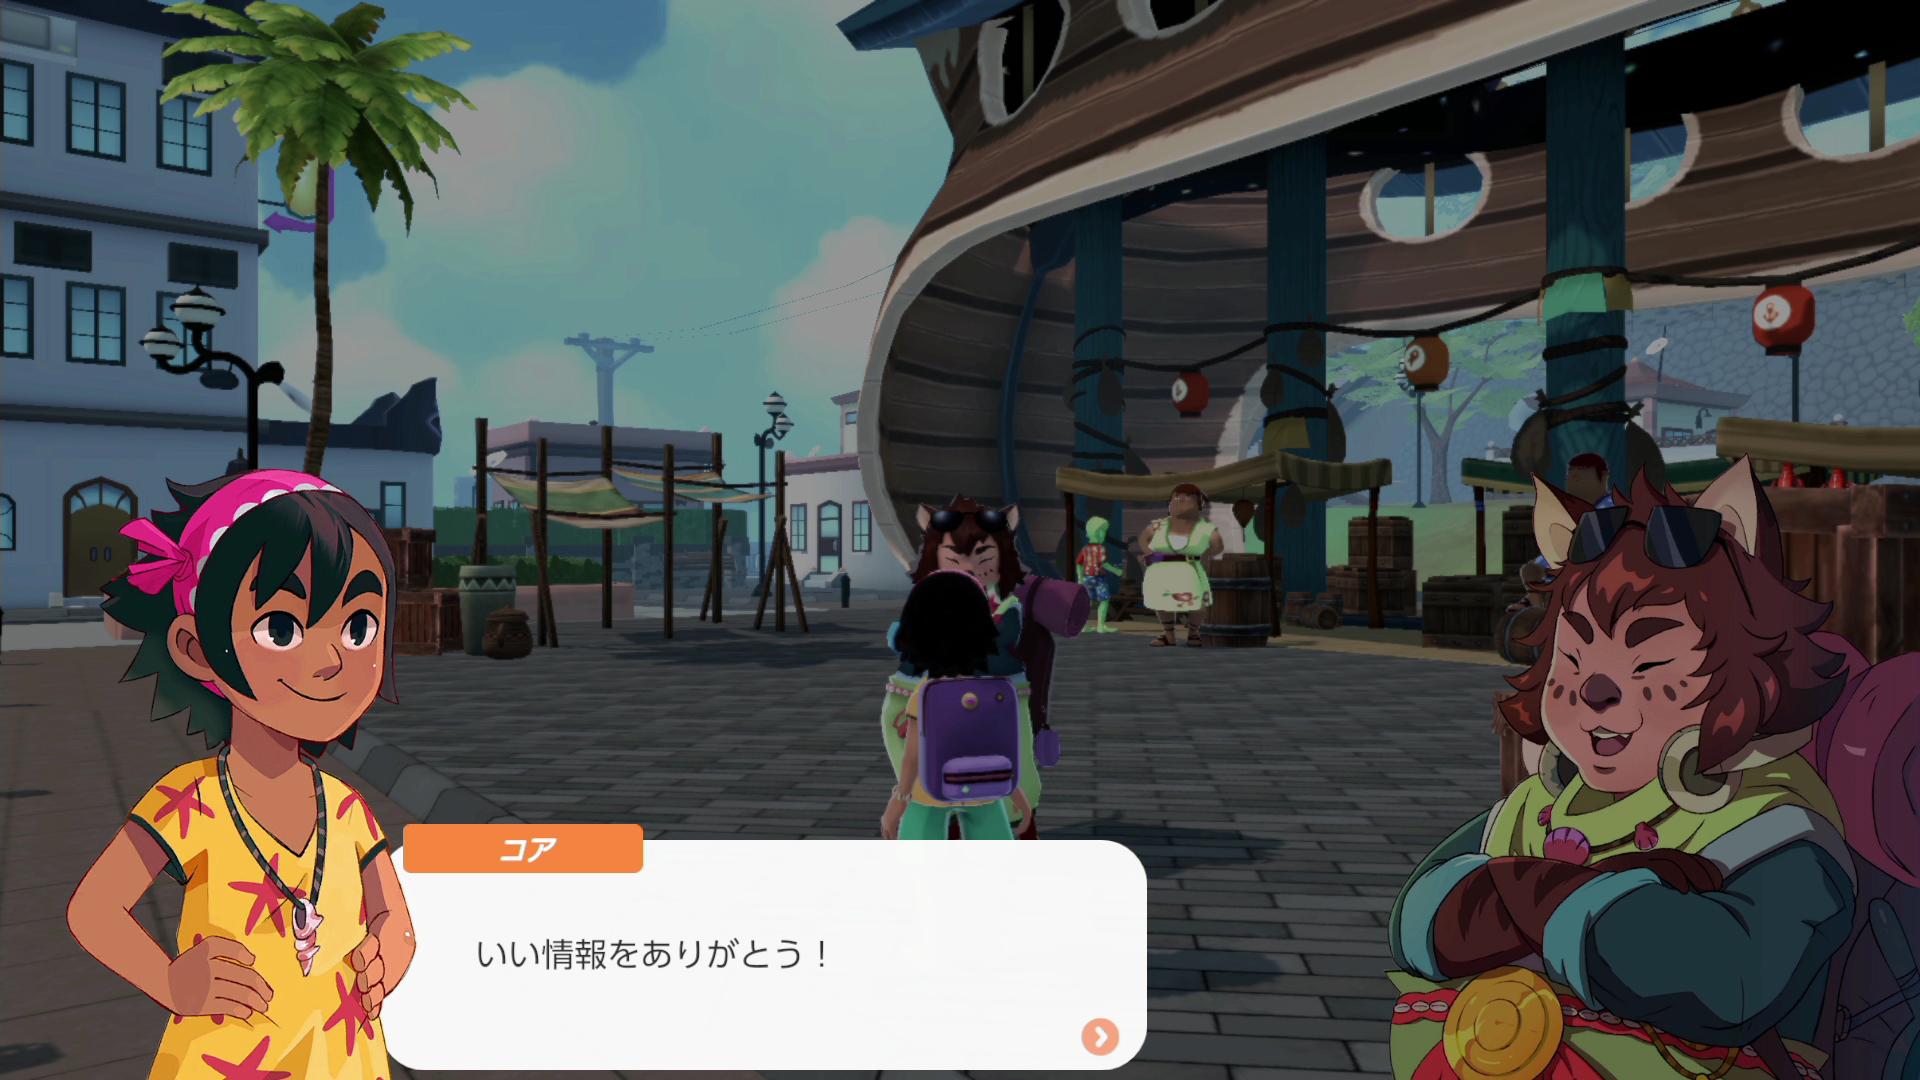 暑假模拟《玛拉的夏天》新宣传片公布  8月26日登陆PS4与NS